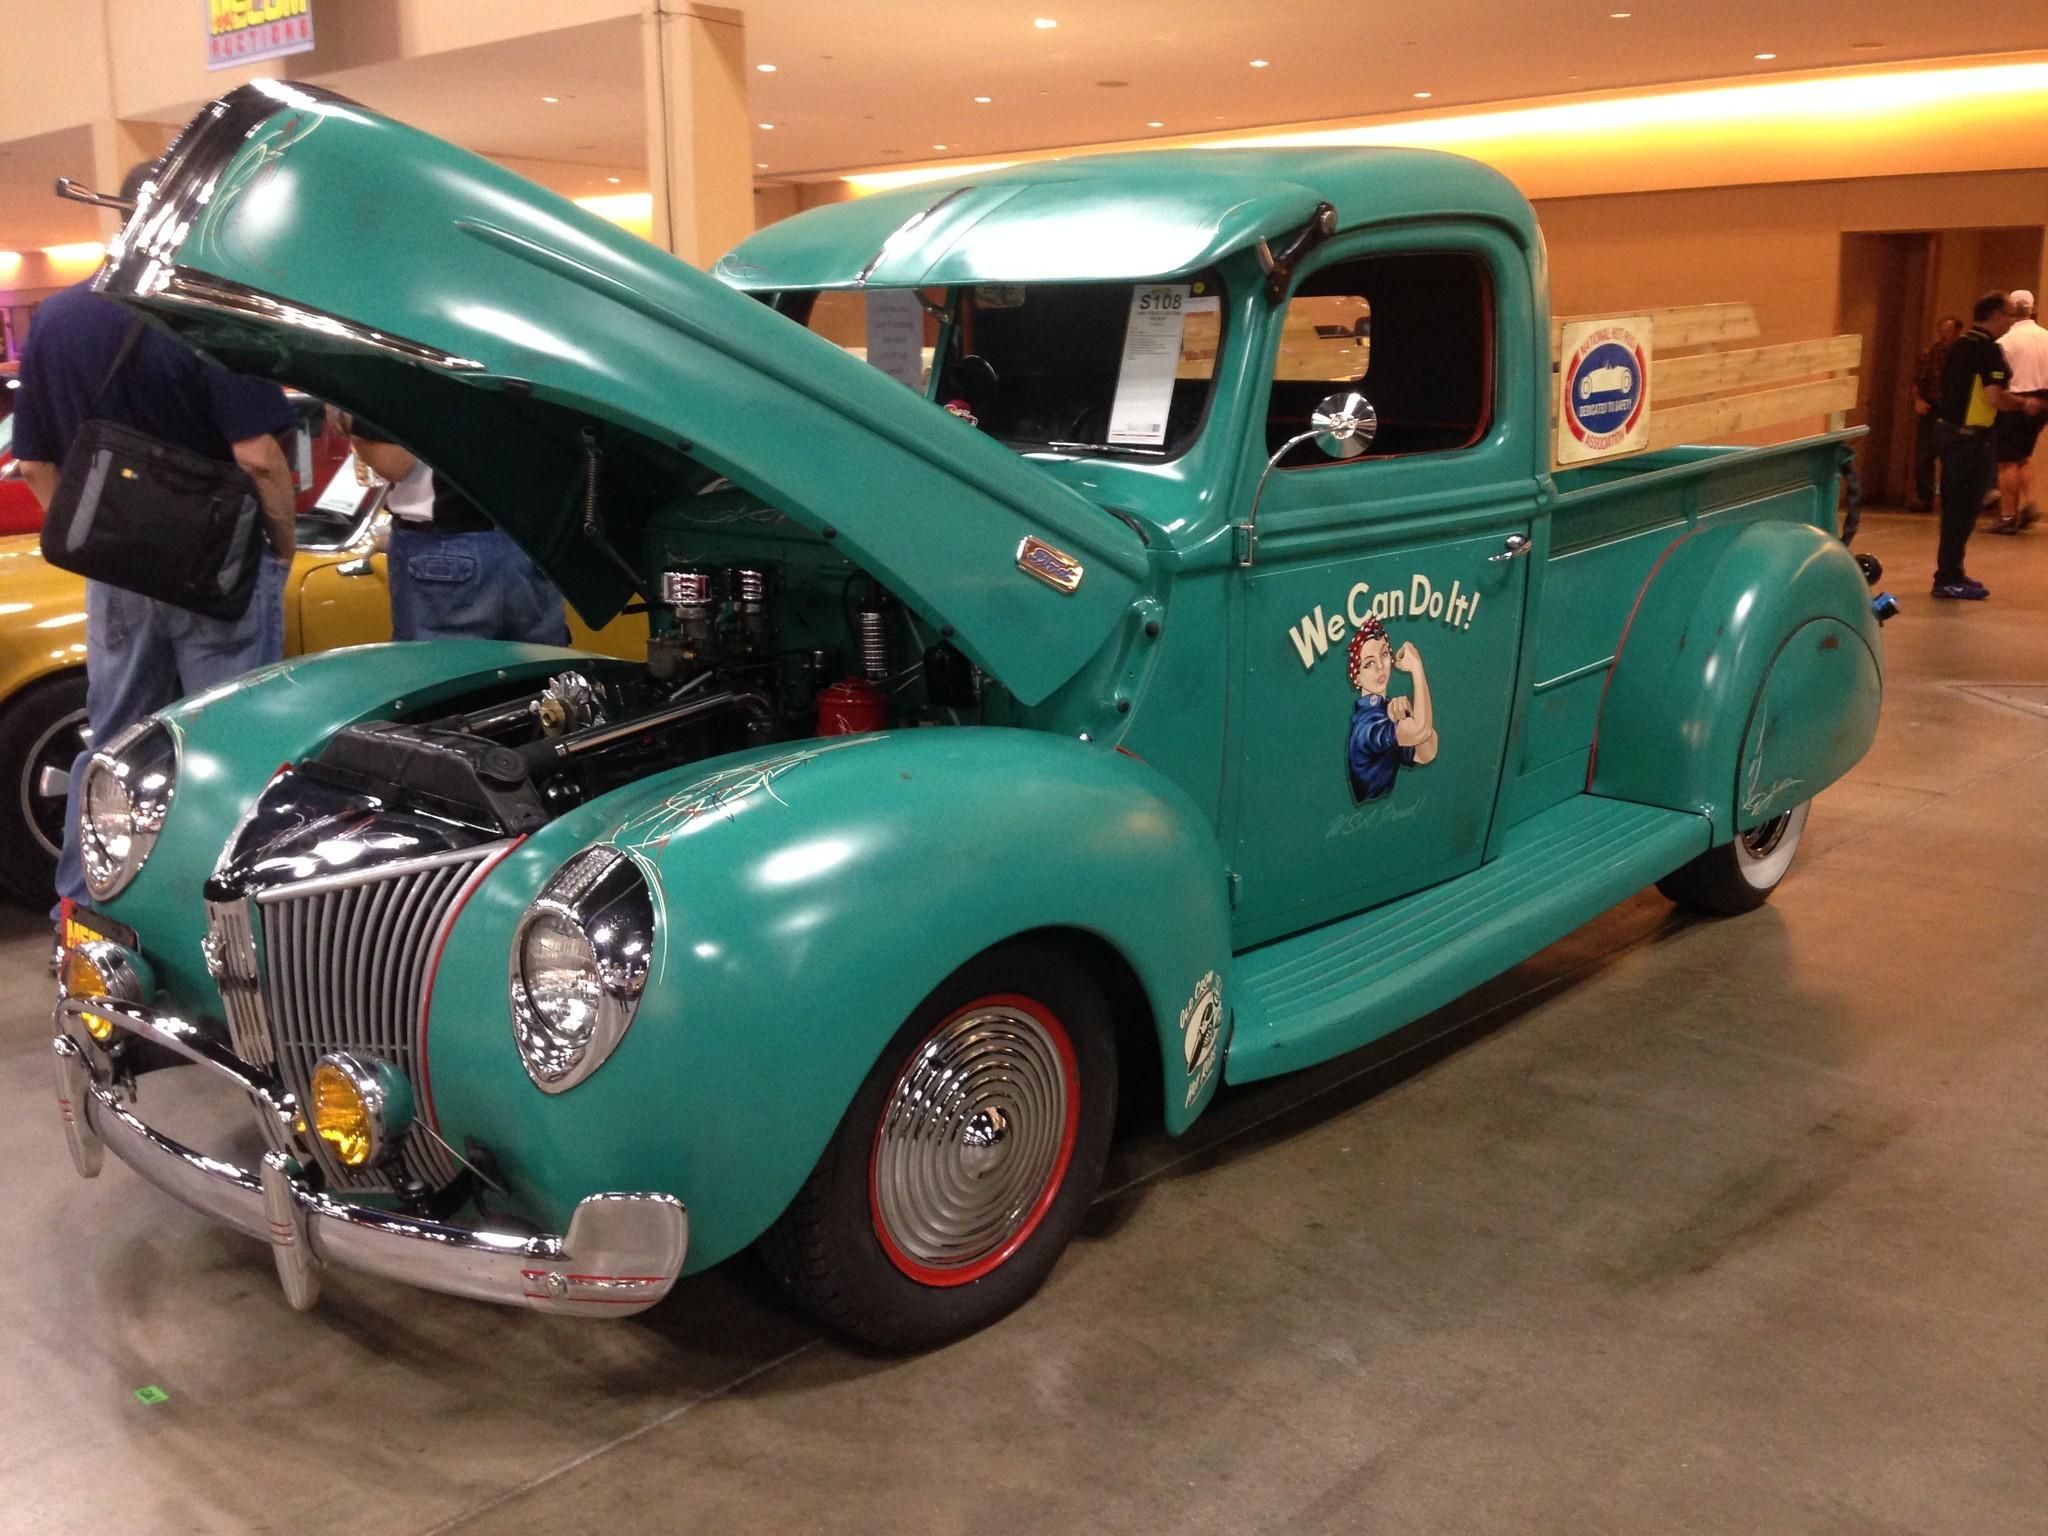 Mecum classic car auction rolls into Chicago - Chicago Tribune